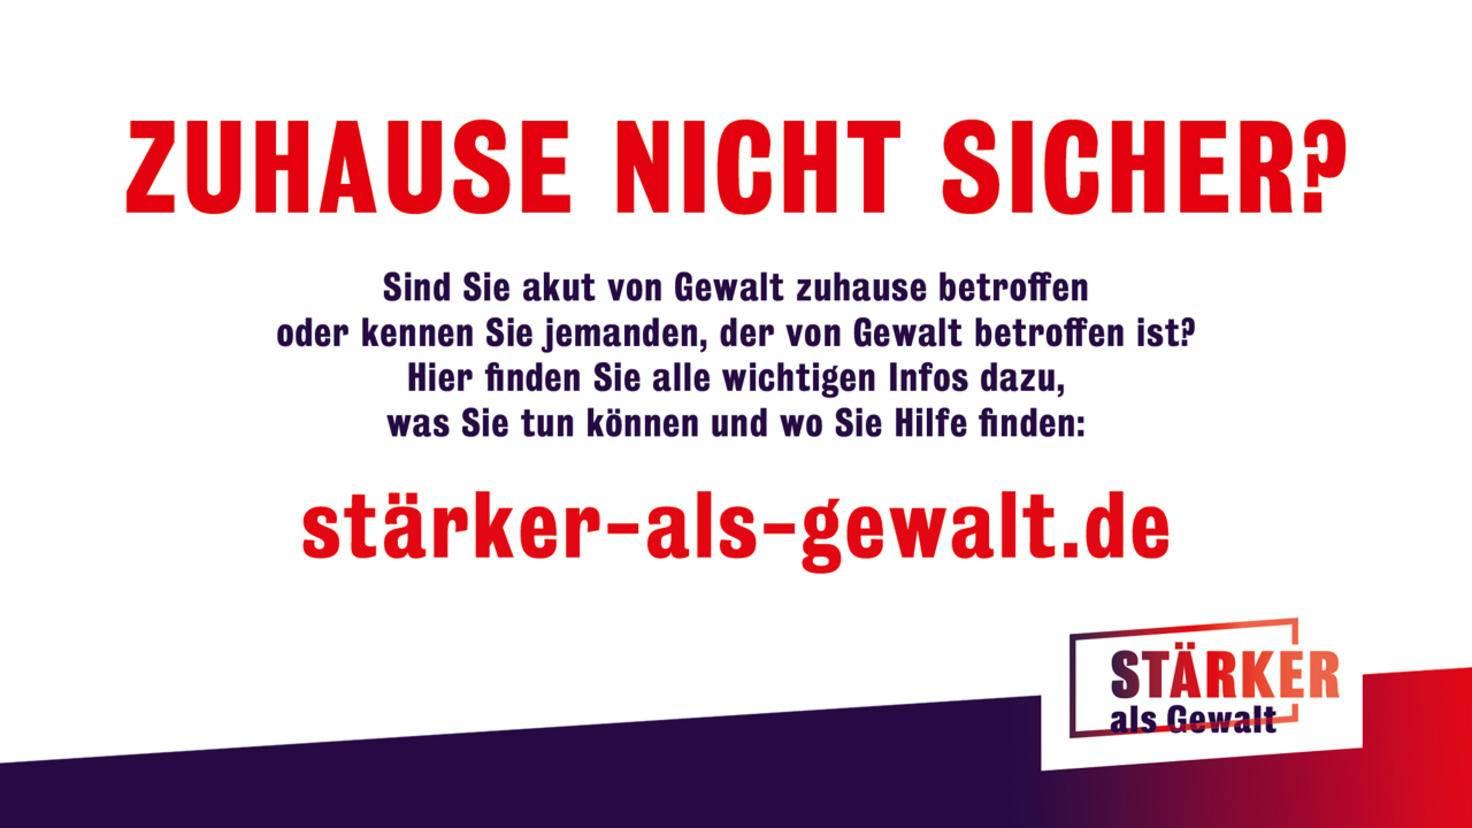 staerker-als-gewalt_haeusliche-gewalt_infokasten